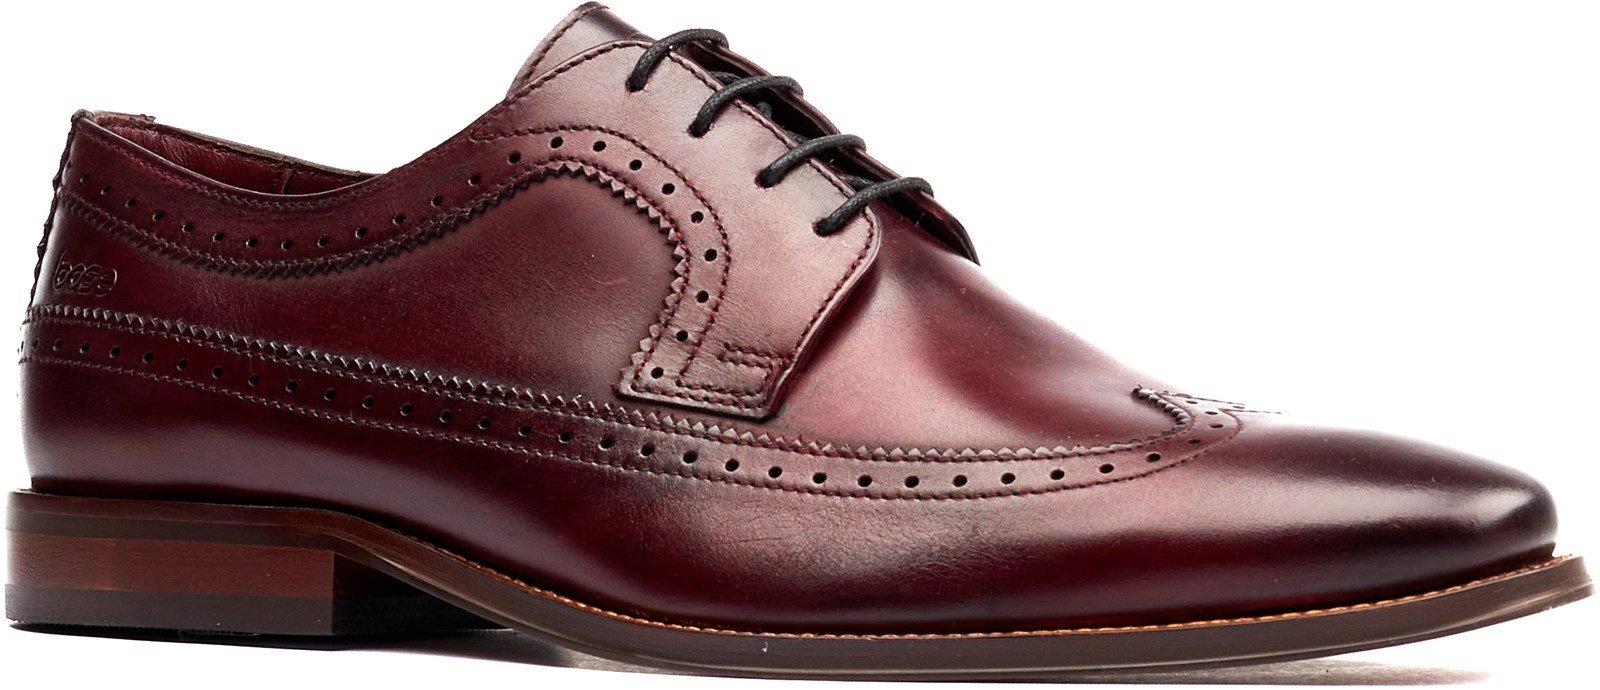 Base London Men's Havisham Plain Toe Derby Shoe Various Colours 32247 - Bordeaux 7